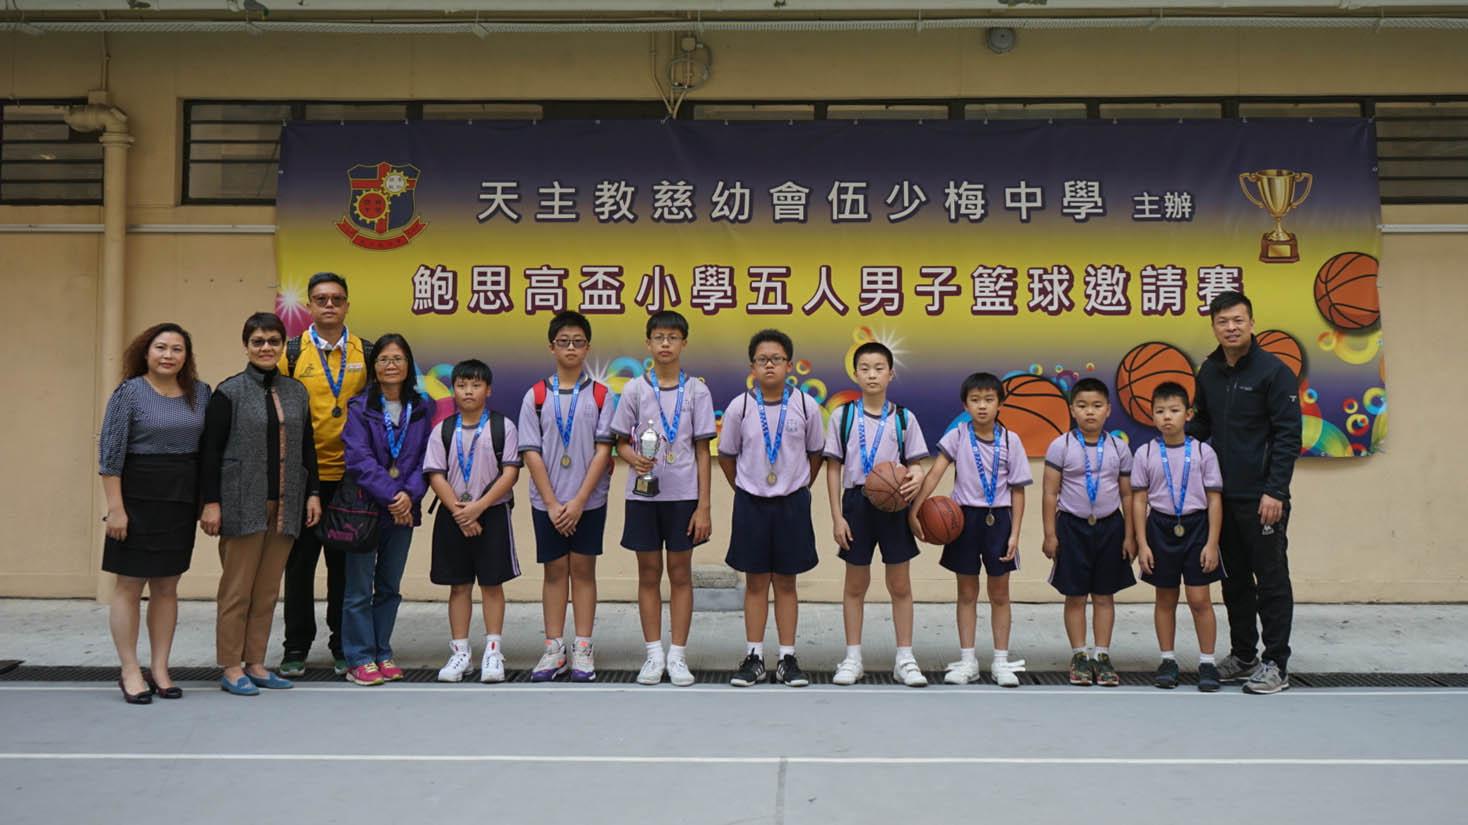 天主教慈幼會伍少梅中學的小學籃球賽相片29